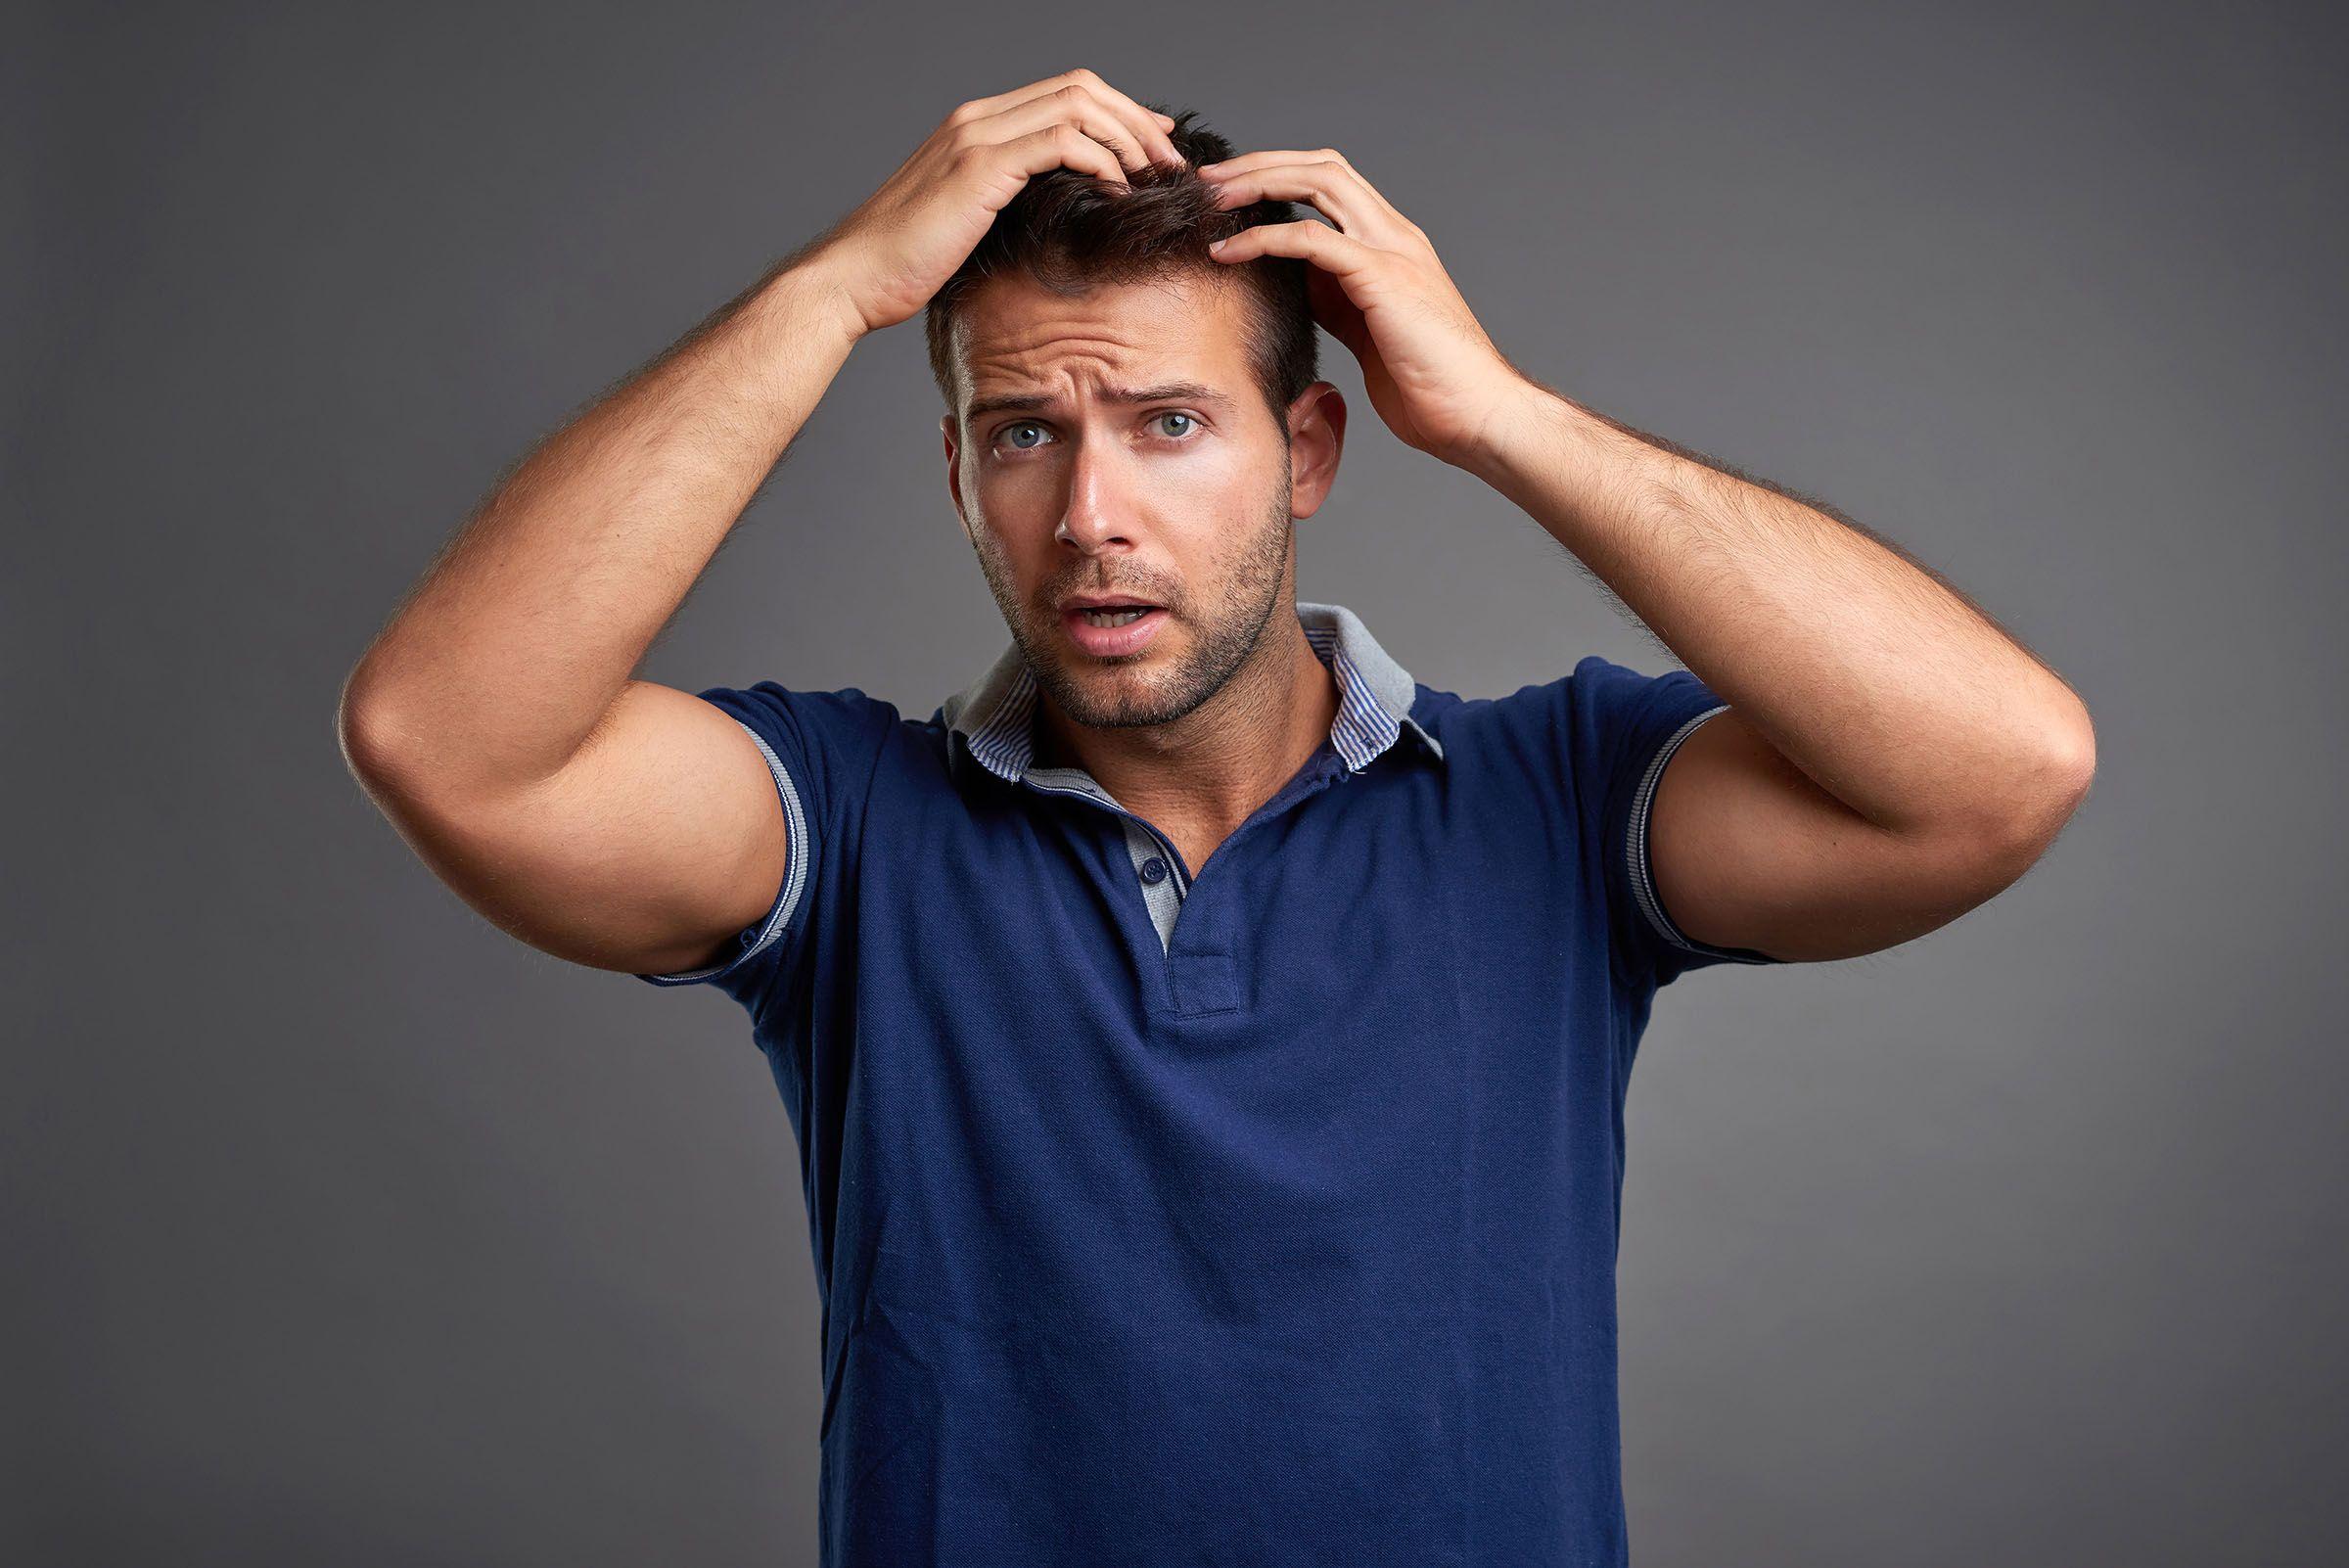 ¿Cuáles son los factores más nocivos que afectan a nuestro cabello?